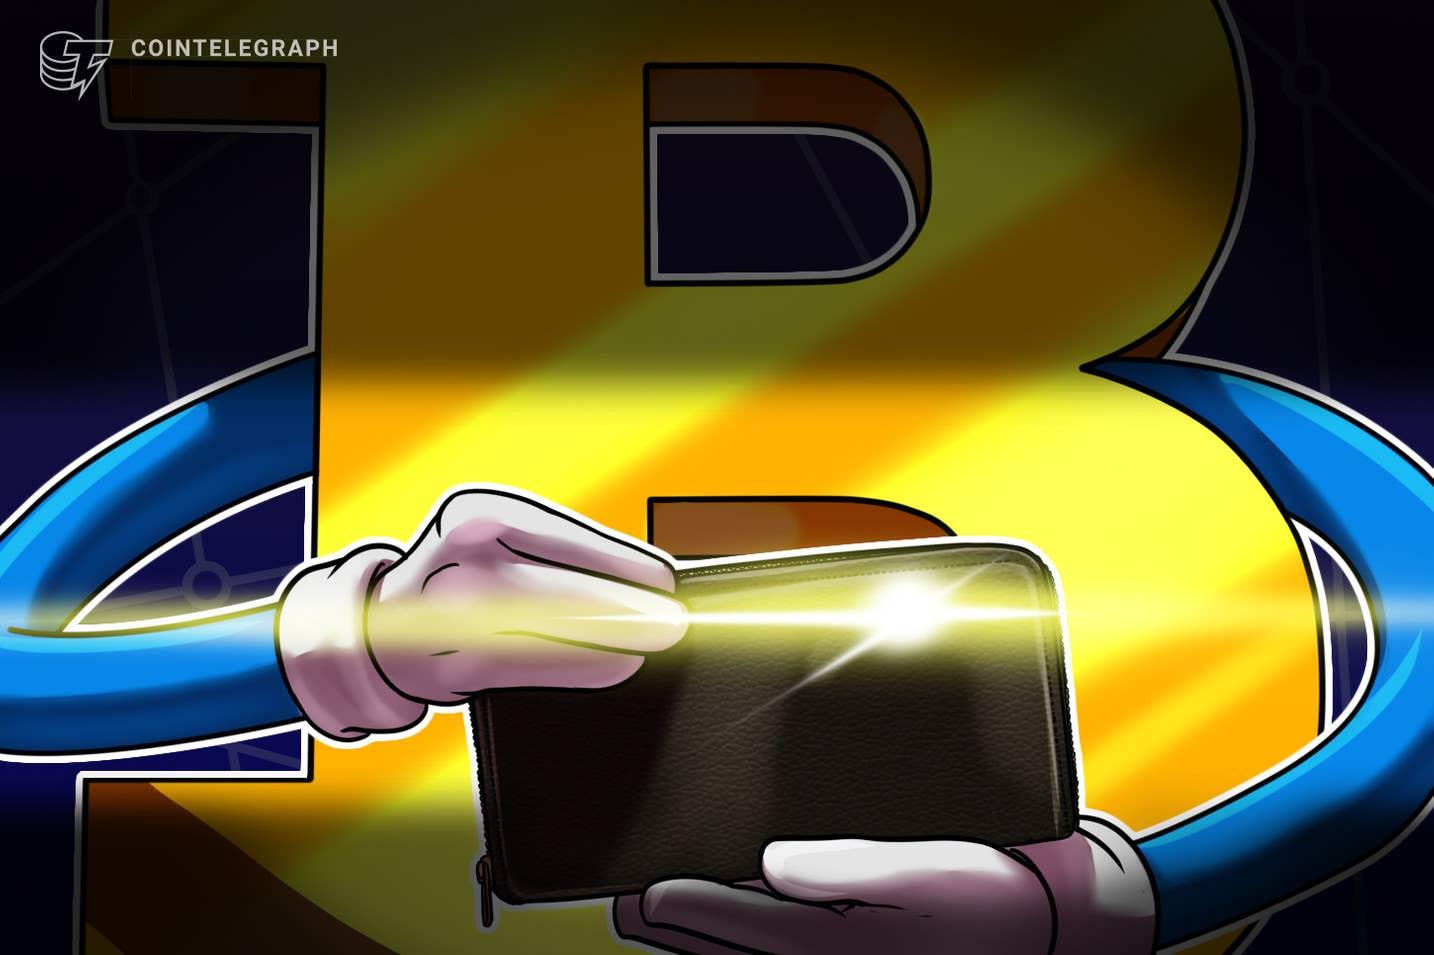 """7 września to """"Dzień Bitcoina"""" w Salwadorze, gdy BTC staje się prawnym środkiem płatniczym"""